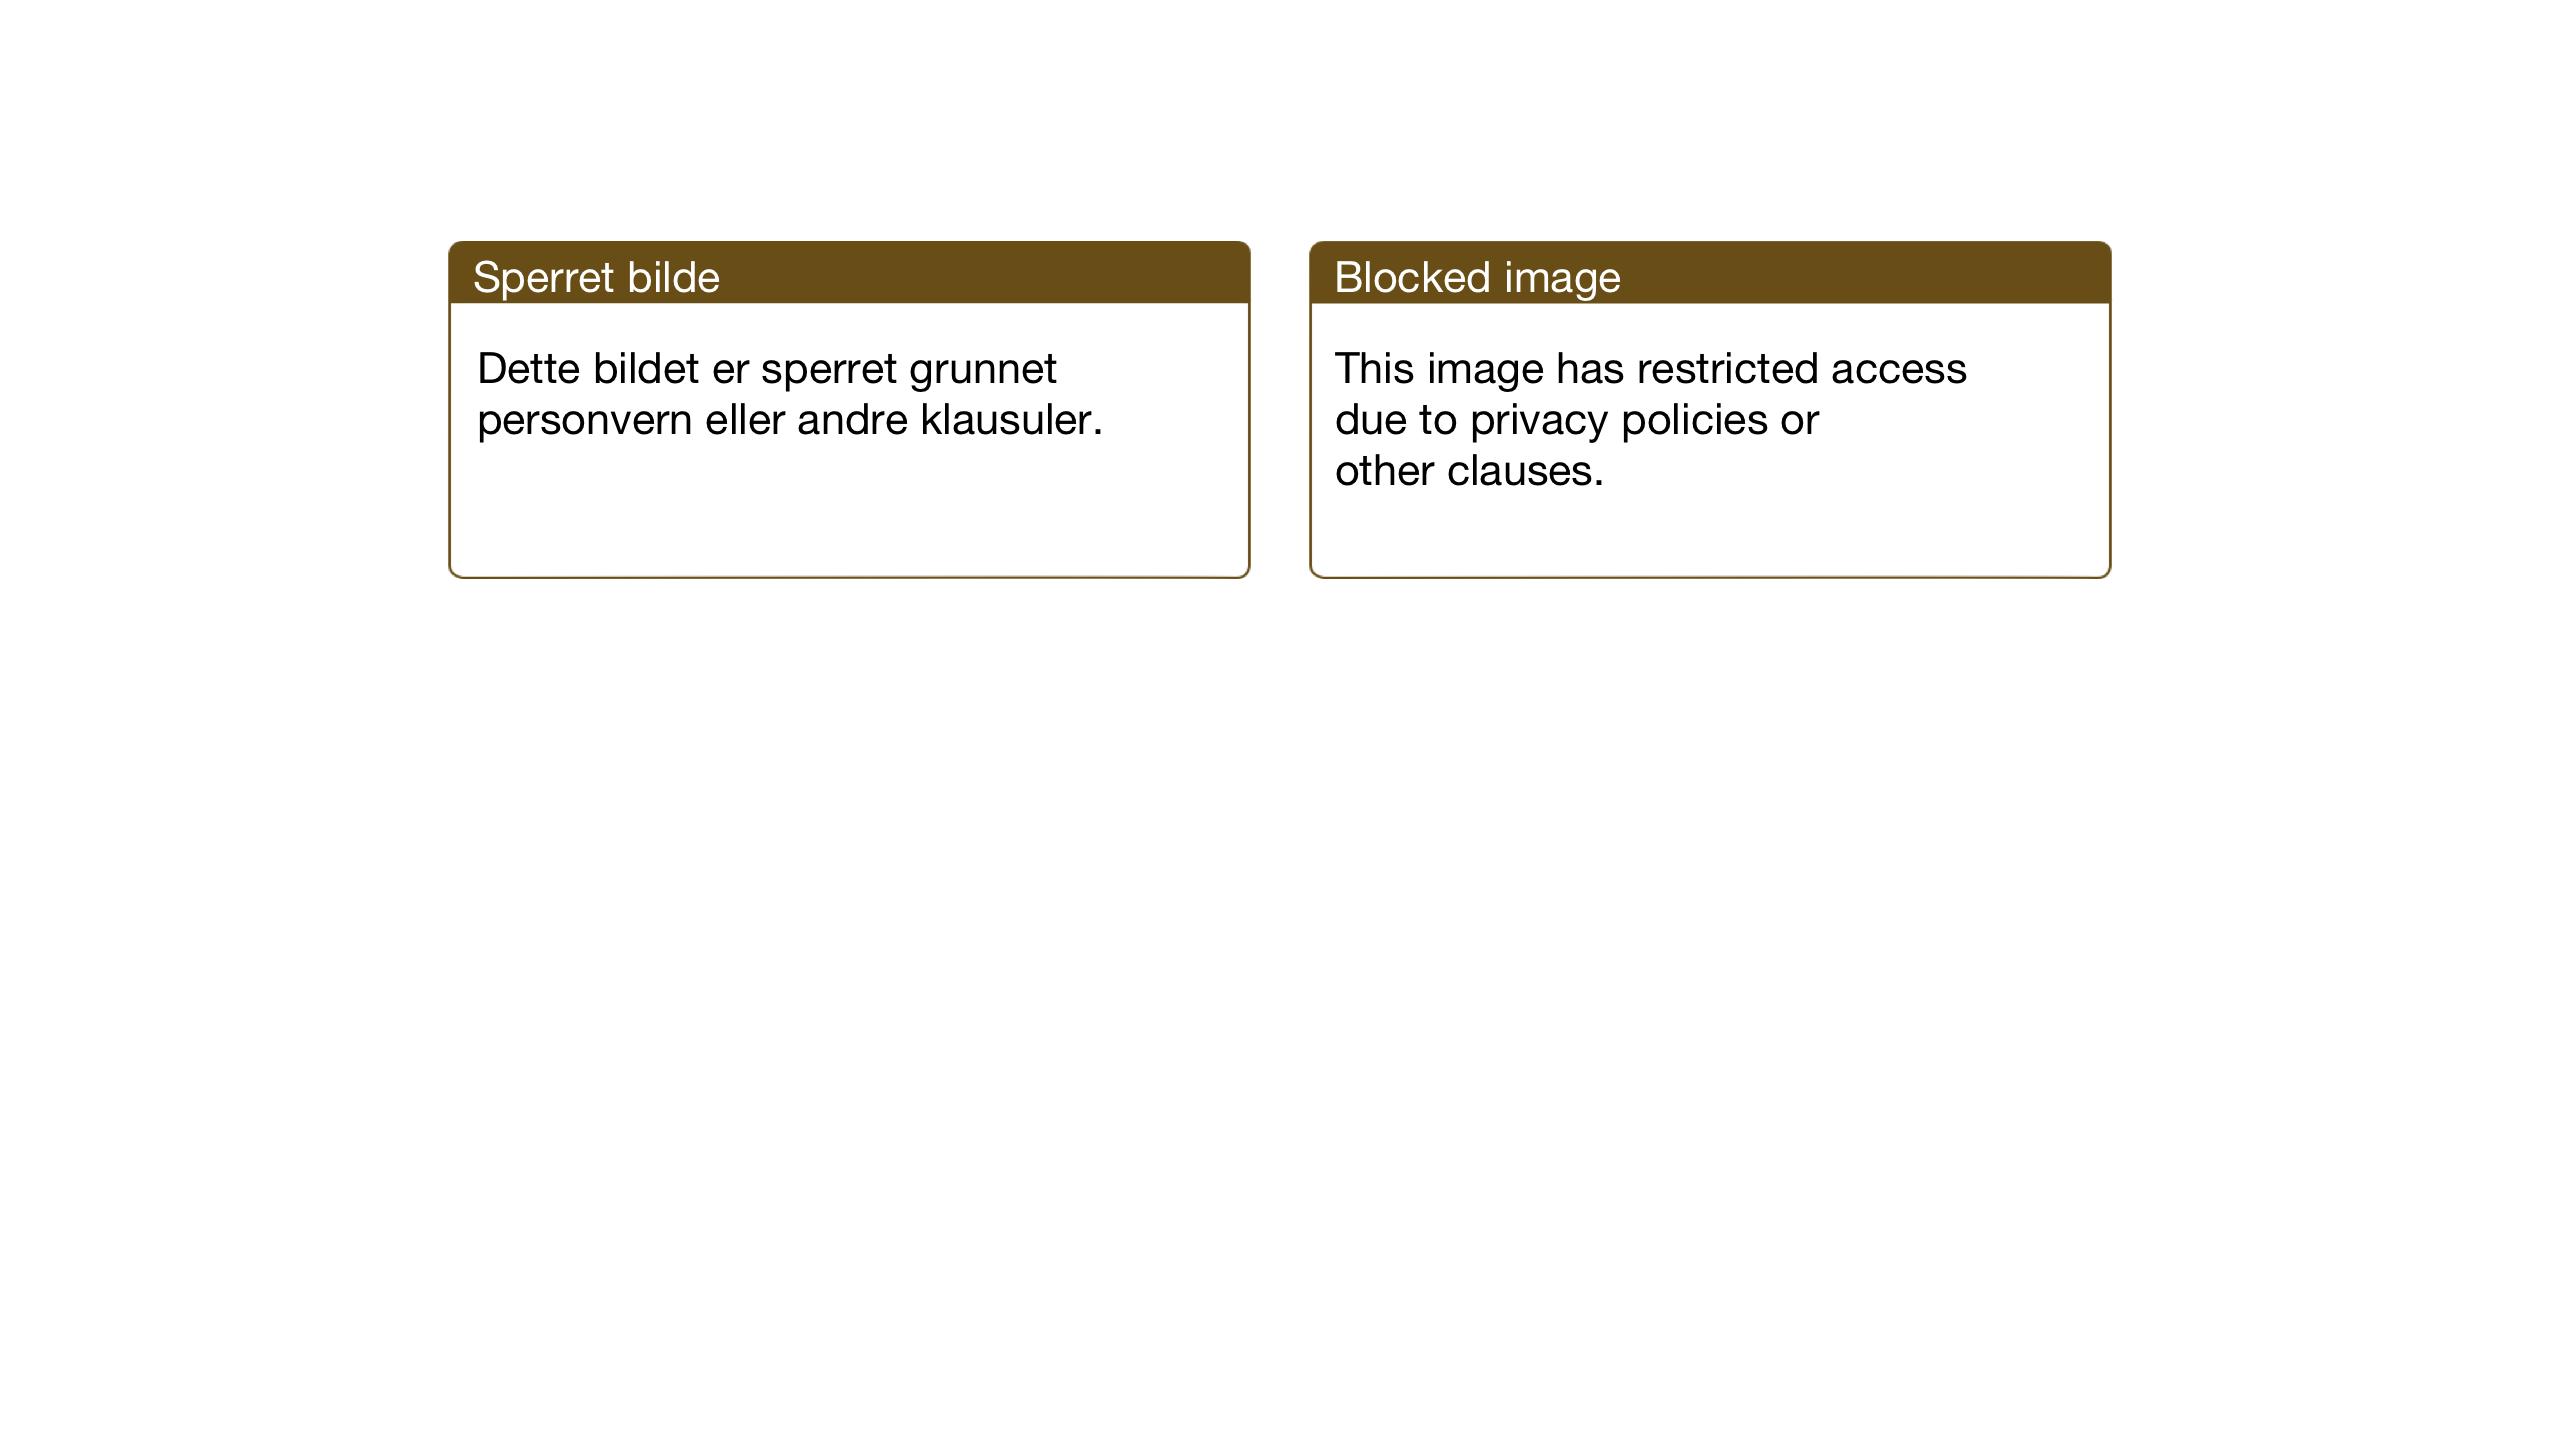 SAT, Ministerialprotokoller, klokkerbøker og fødselsregistre - Nord-Trøndelag, 755/L0500: Klokkerbok nr. 755C01, 1920-1962, s. 88